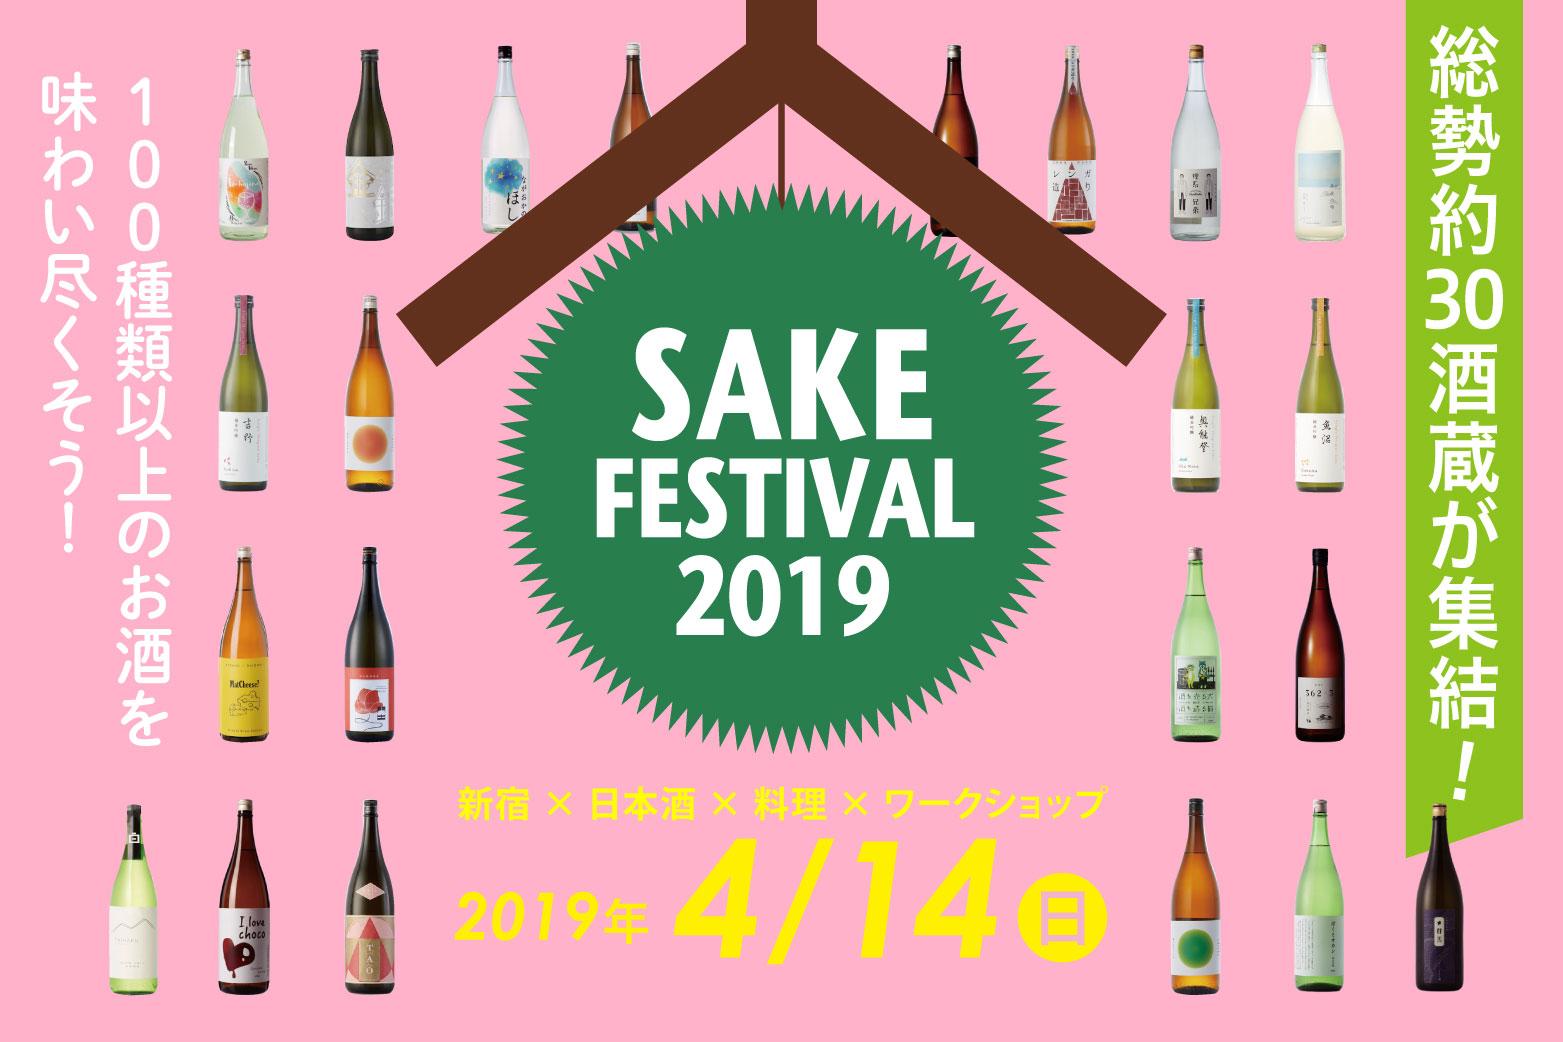 【イベント情報】SAKE FESTIVAL 2019